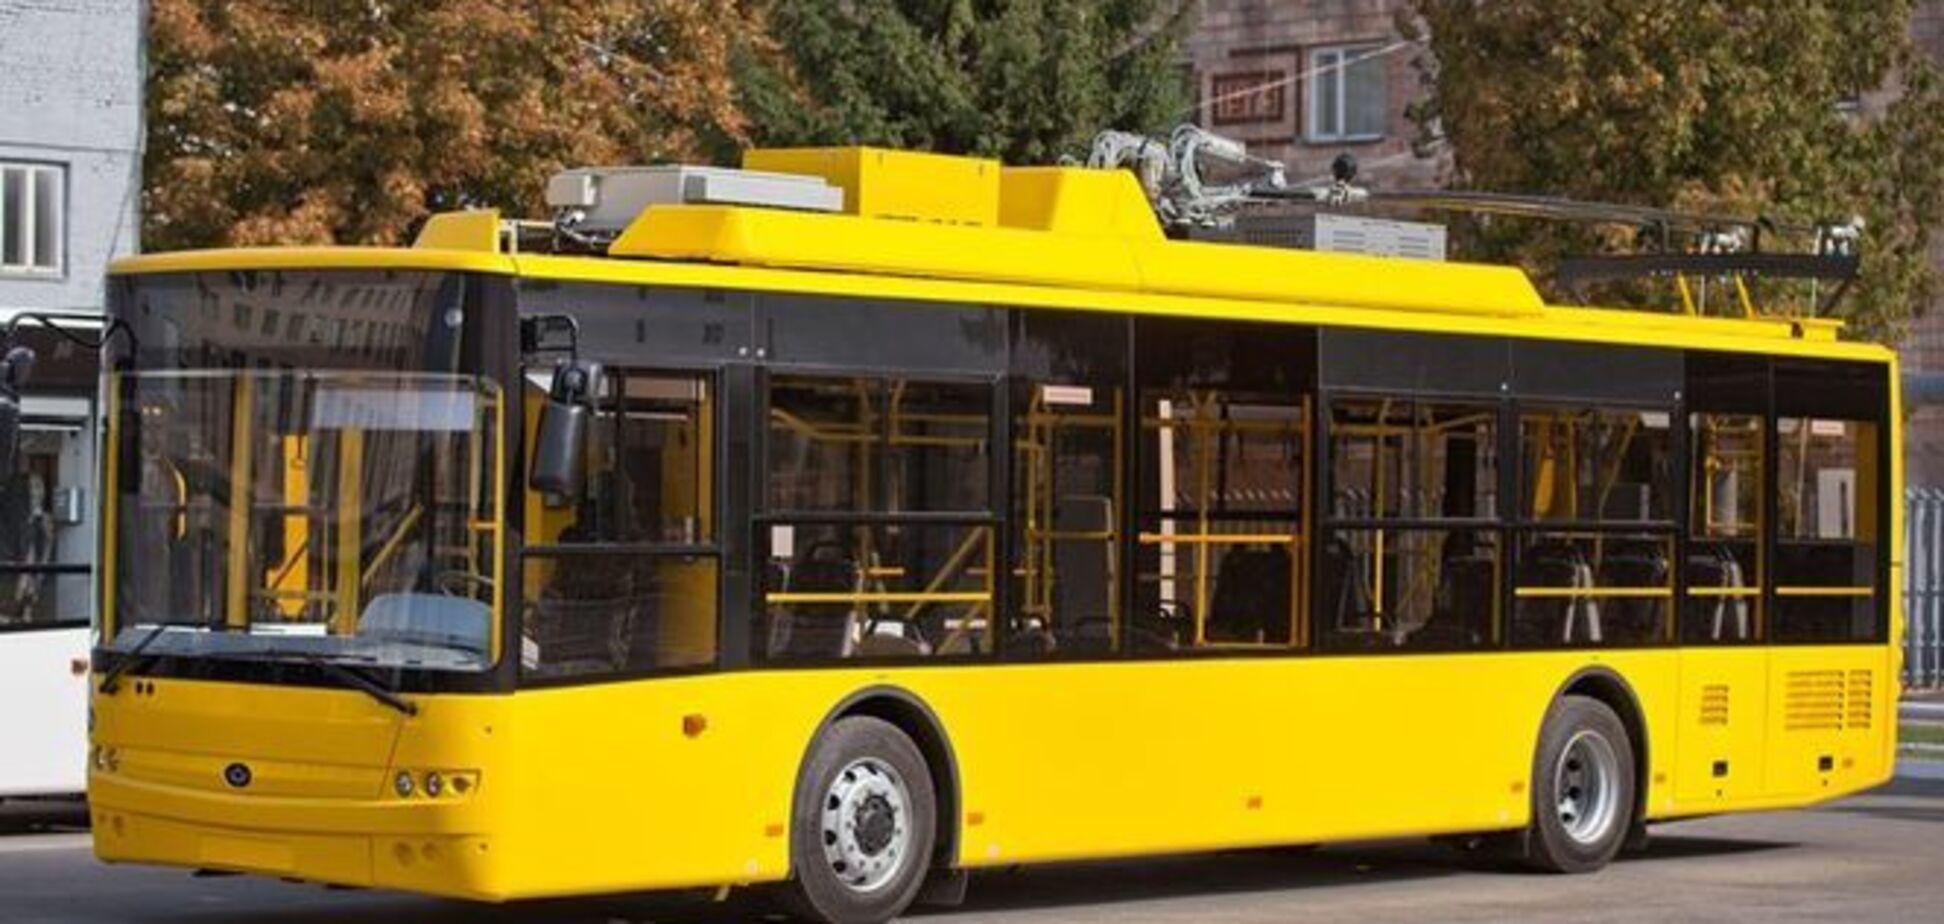 Не випустив людину з інвалідністю: ''Київпастранс'' потрапив у скандал через водія тролейбуса